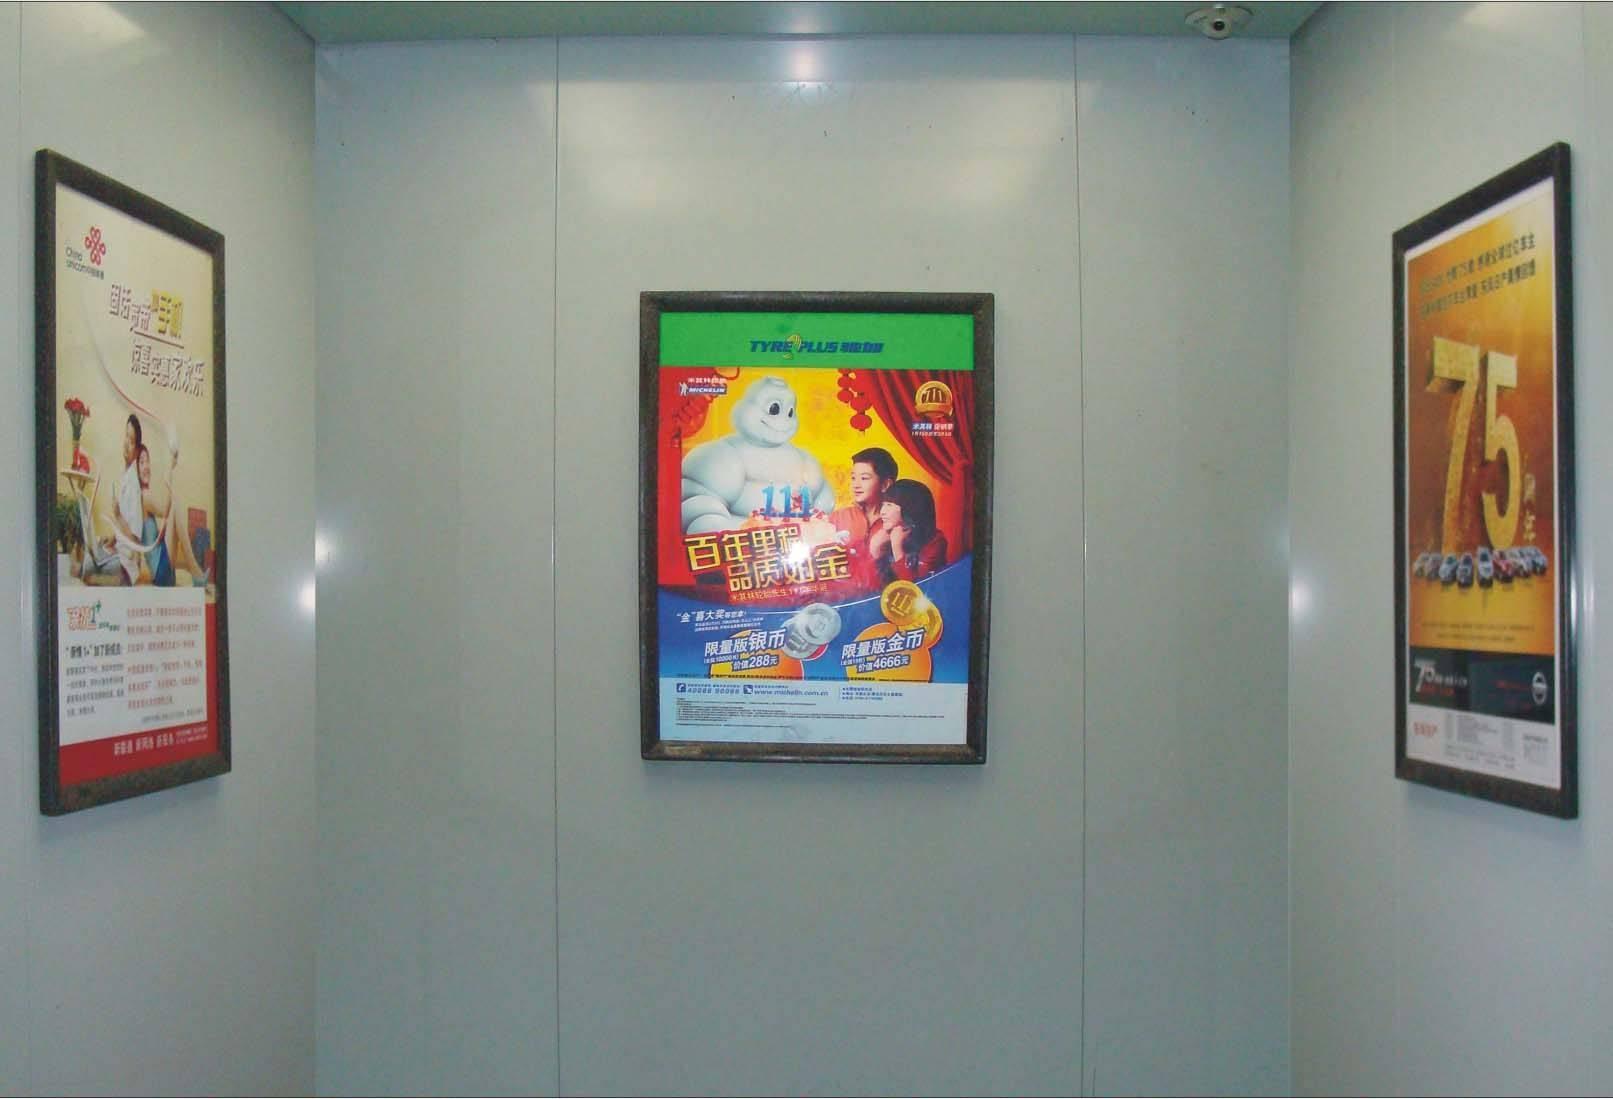 佛山市高明区碧桂园联丰天汇湾电梯轿厢广告框架